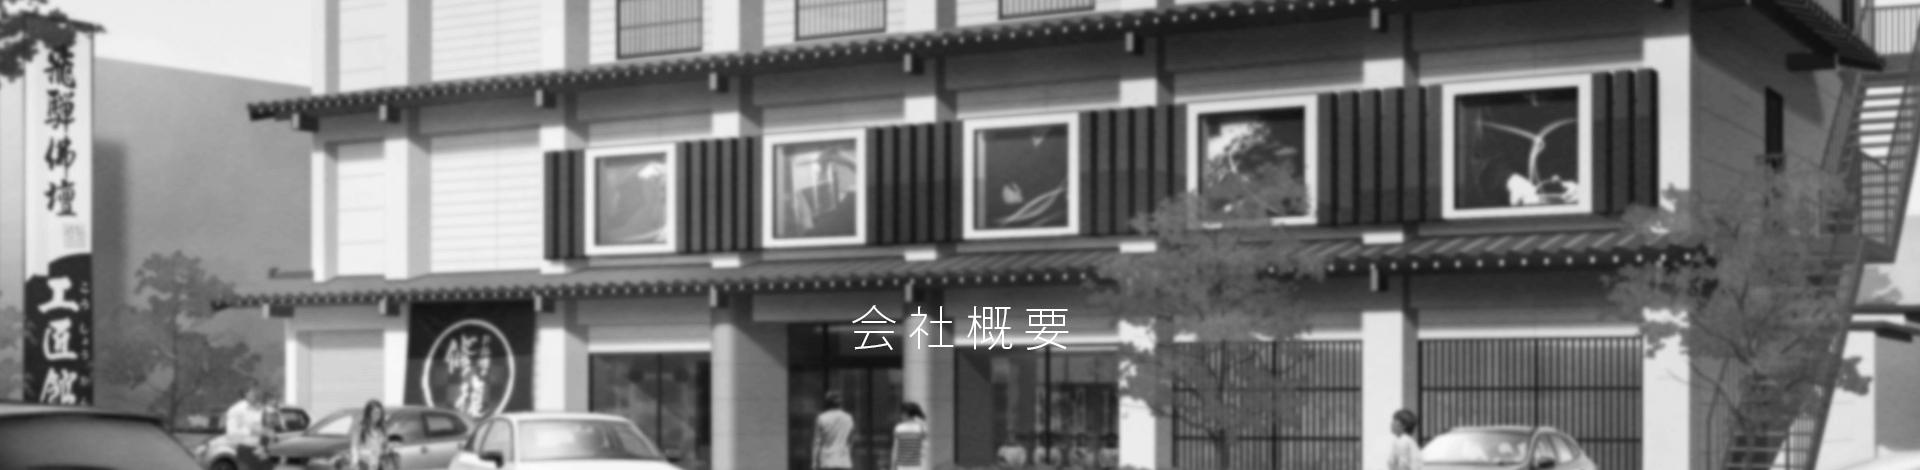 飛騨仏壇工匠館の会社概要ページです